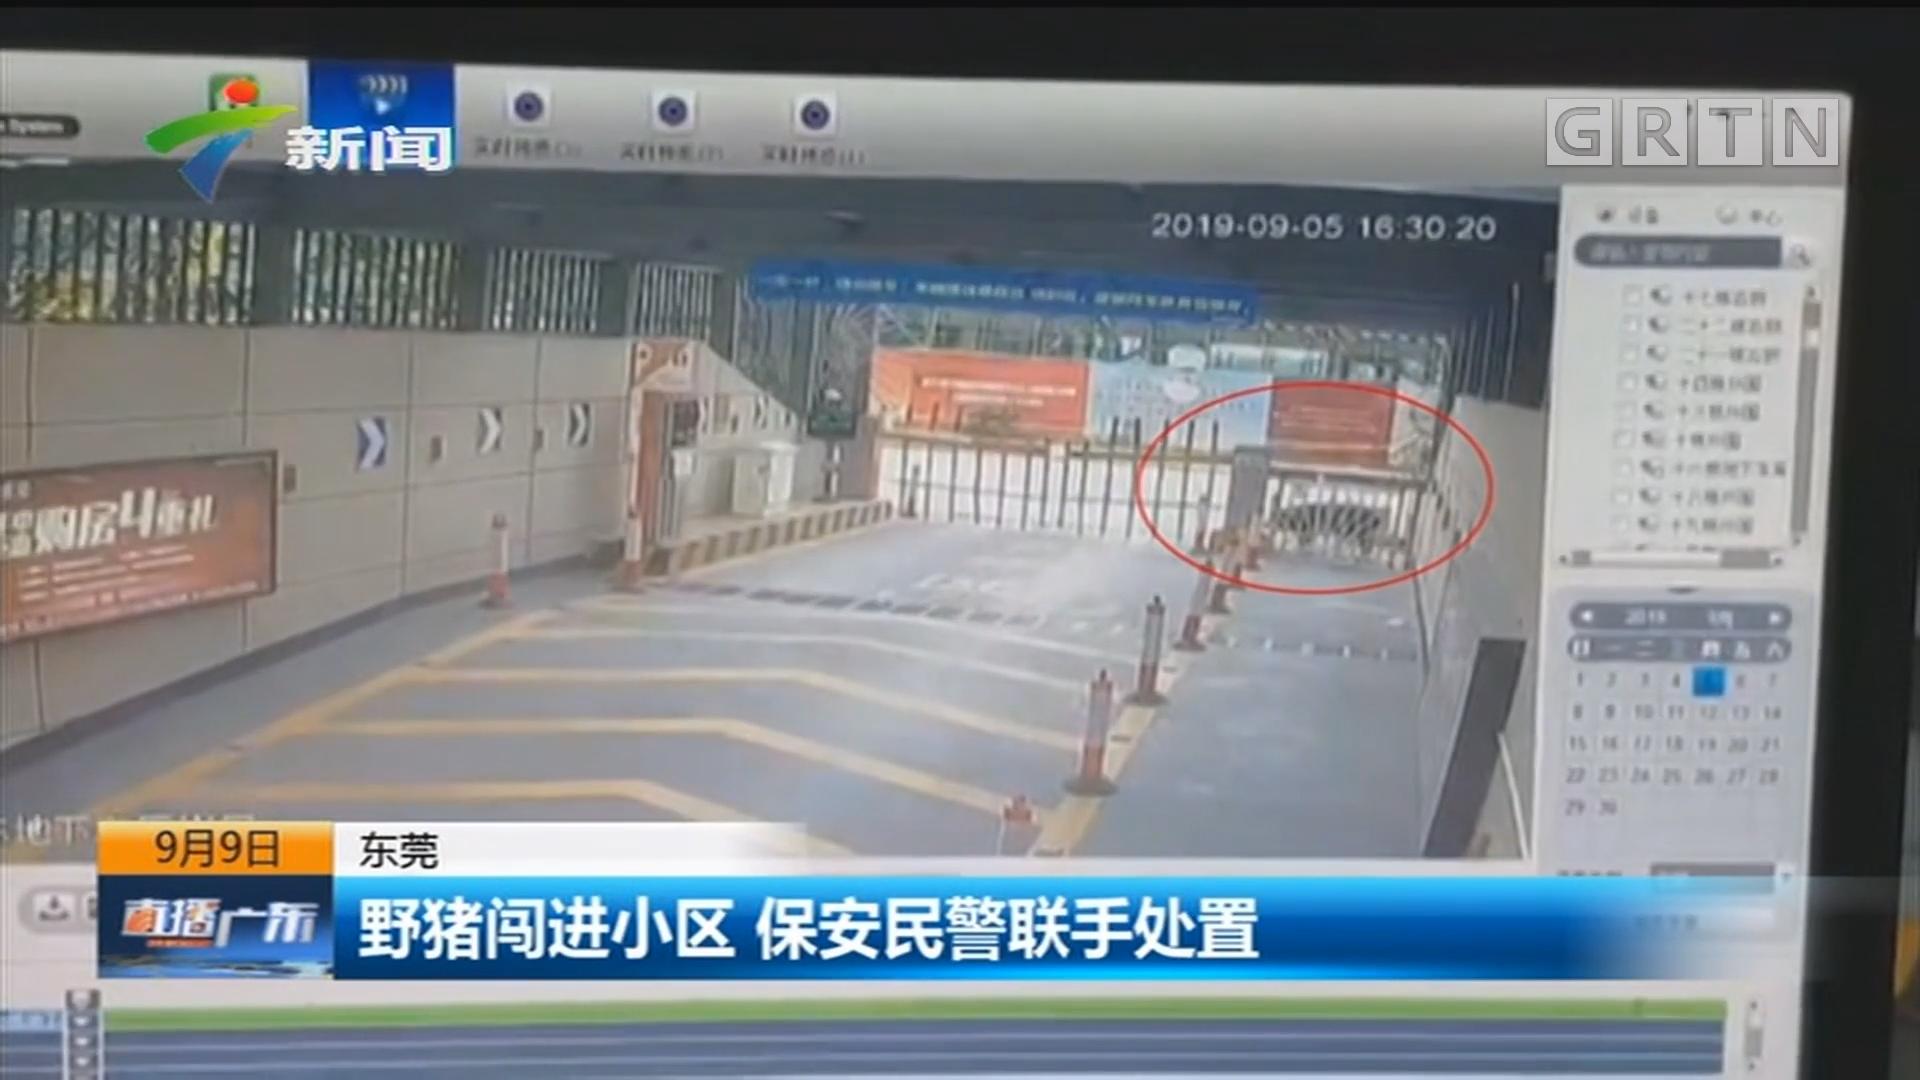 东莞:野猪闯进小区 保安民警联手处置